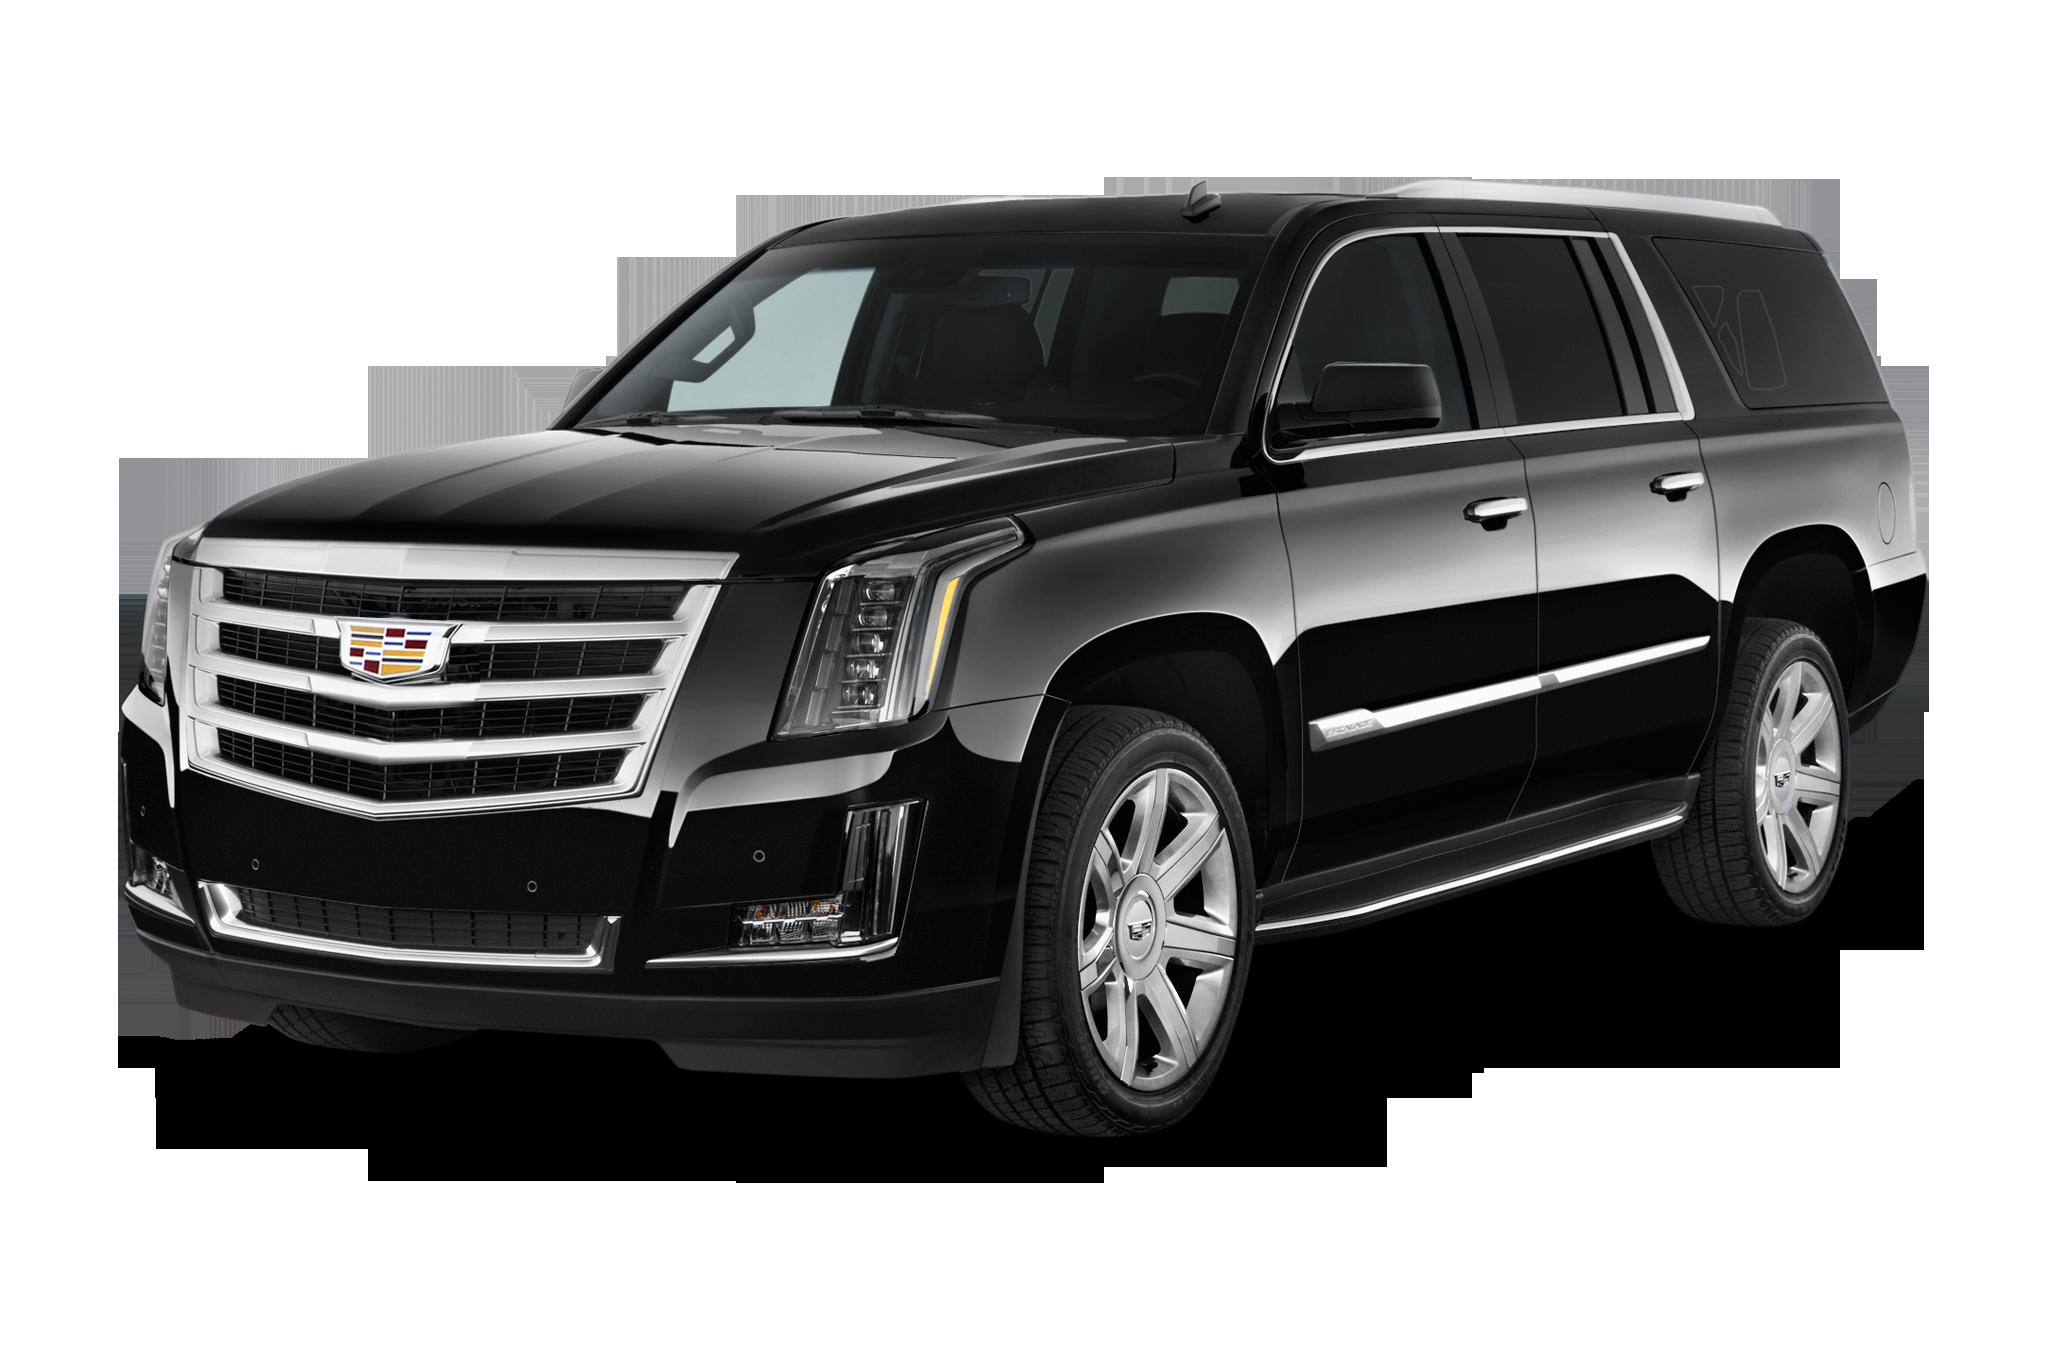 2020 CADILLAC ESCALADE SUV - YouTube  2020 Cadillac Escalade